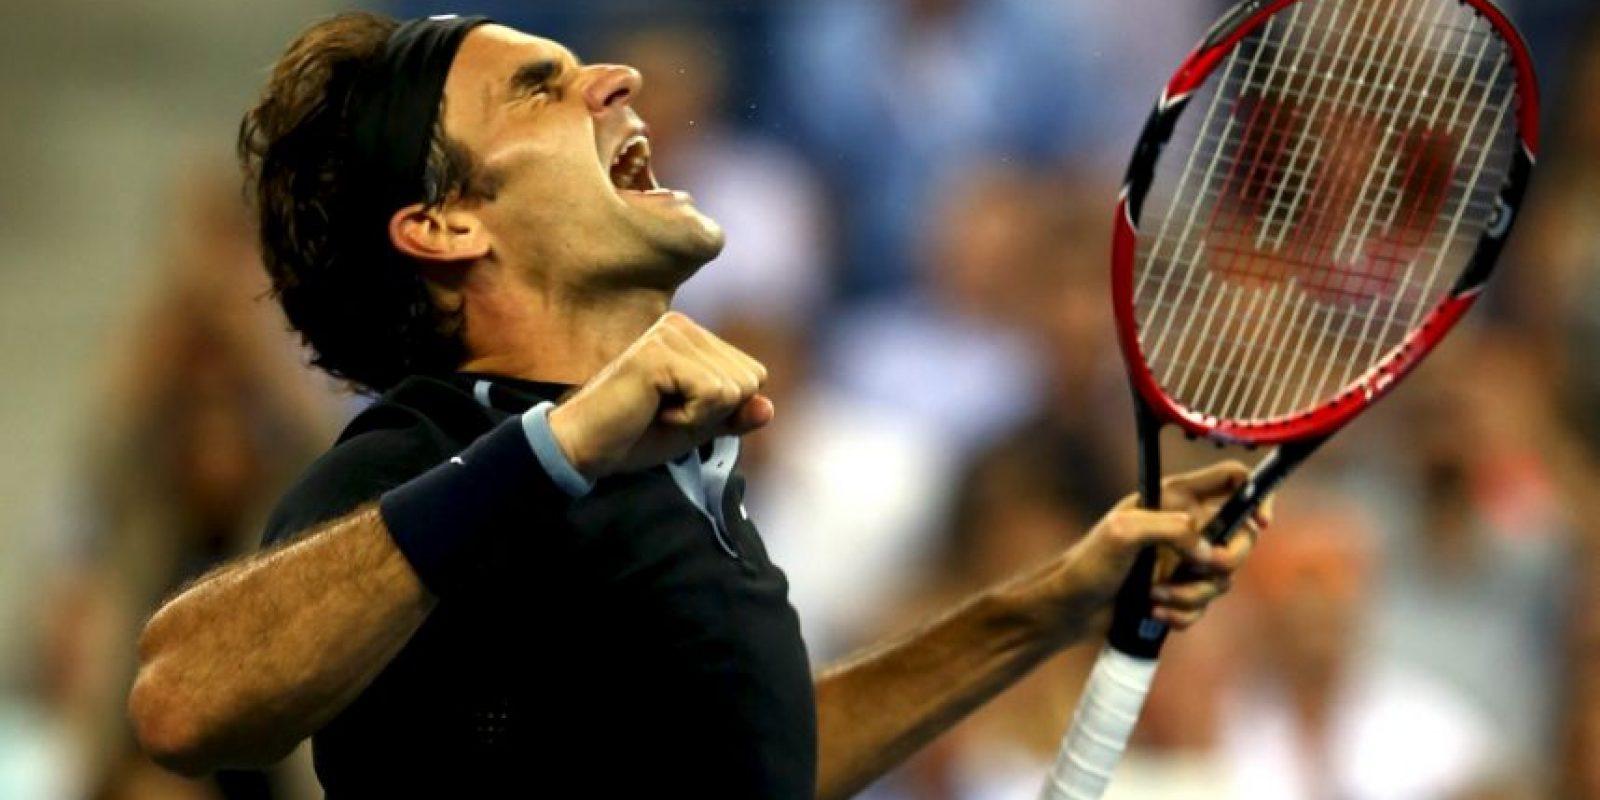 Posee el récord de títulos masculinos de Grand Slam con 17 trofeos. Foto:Getty Images